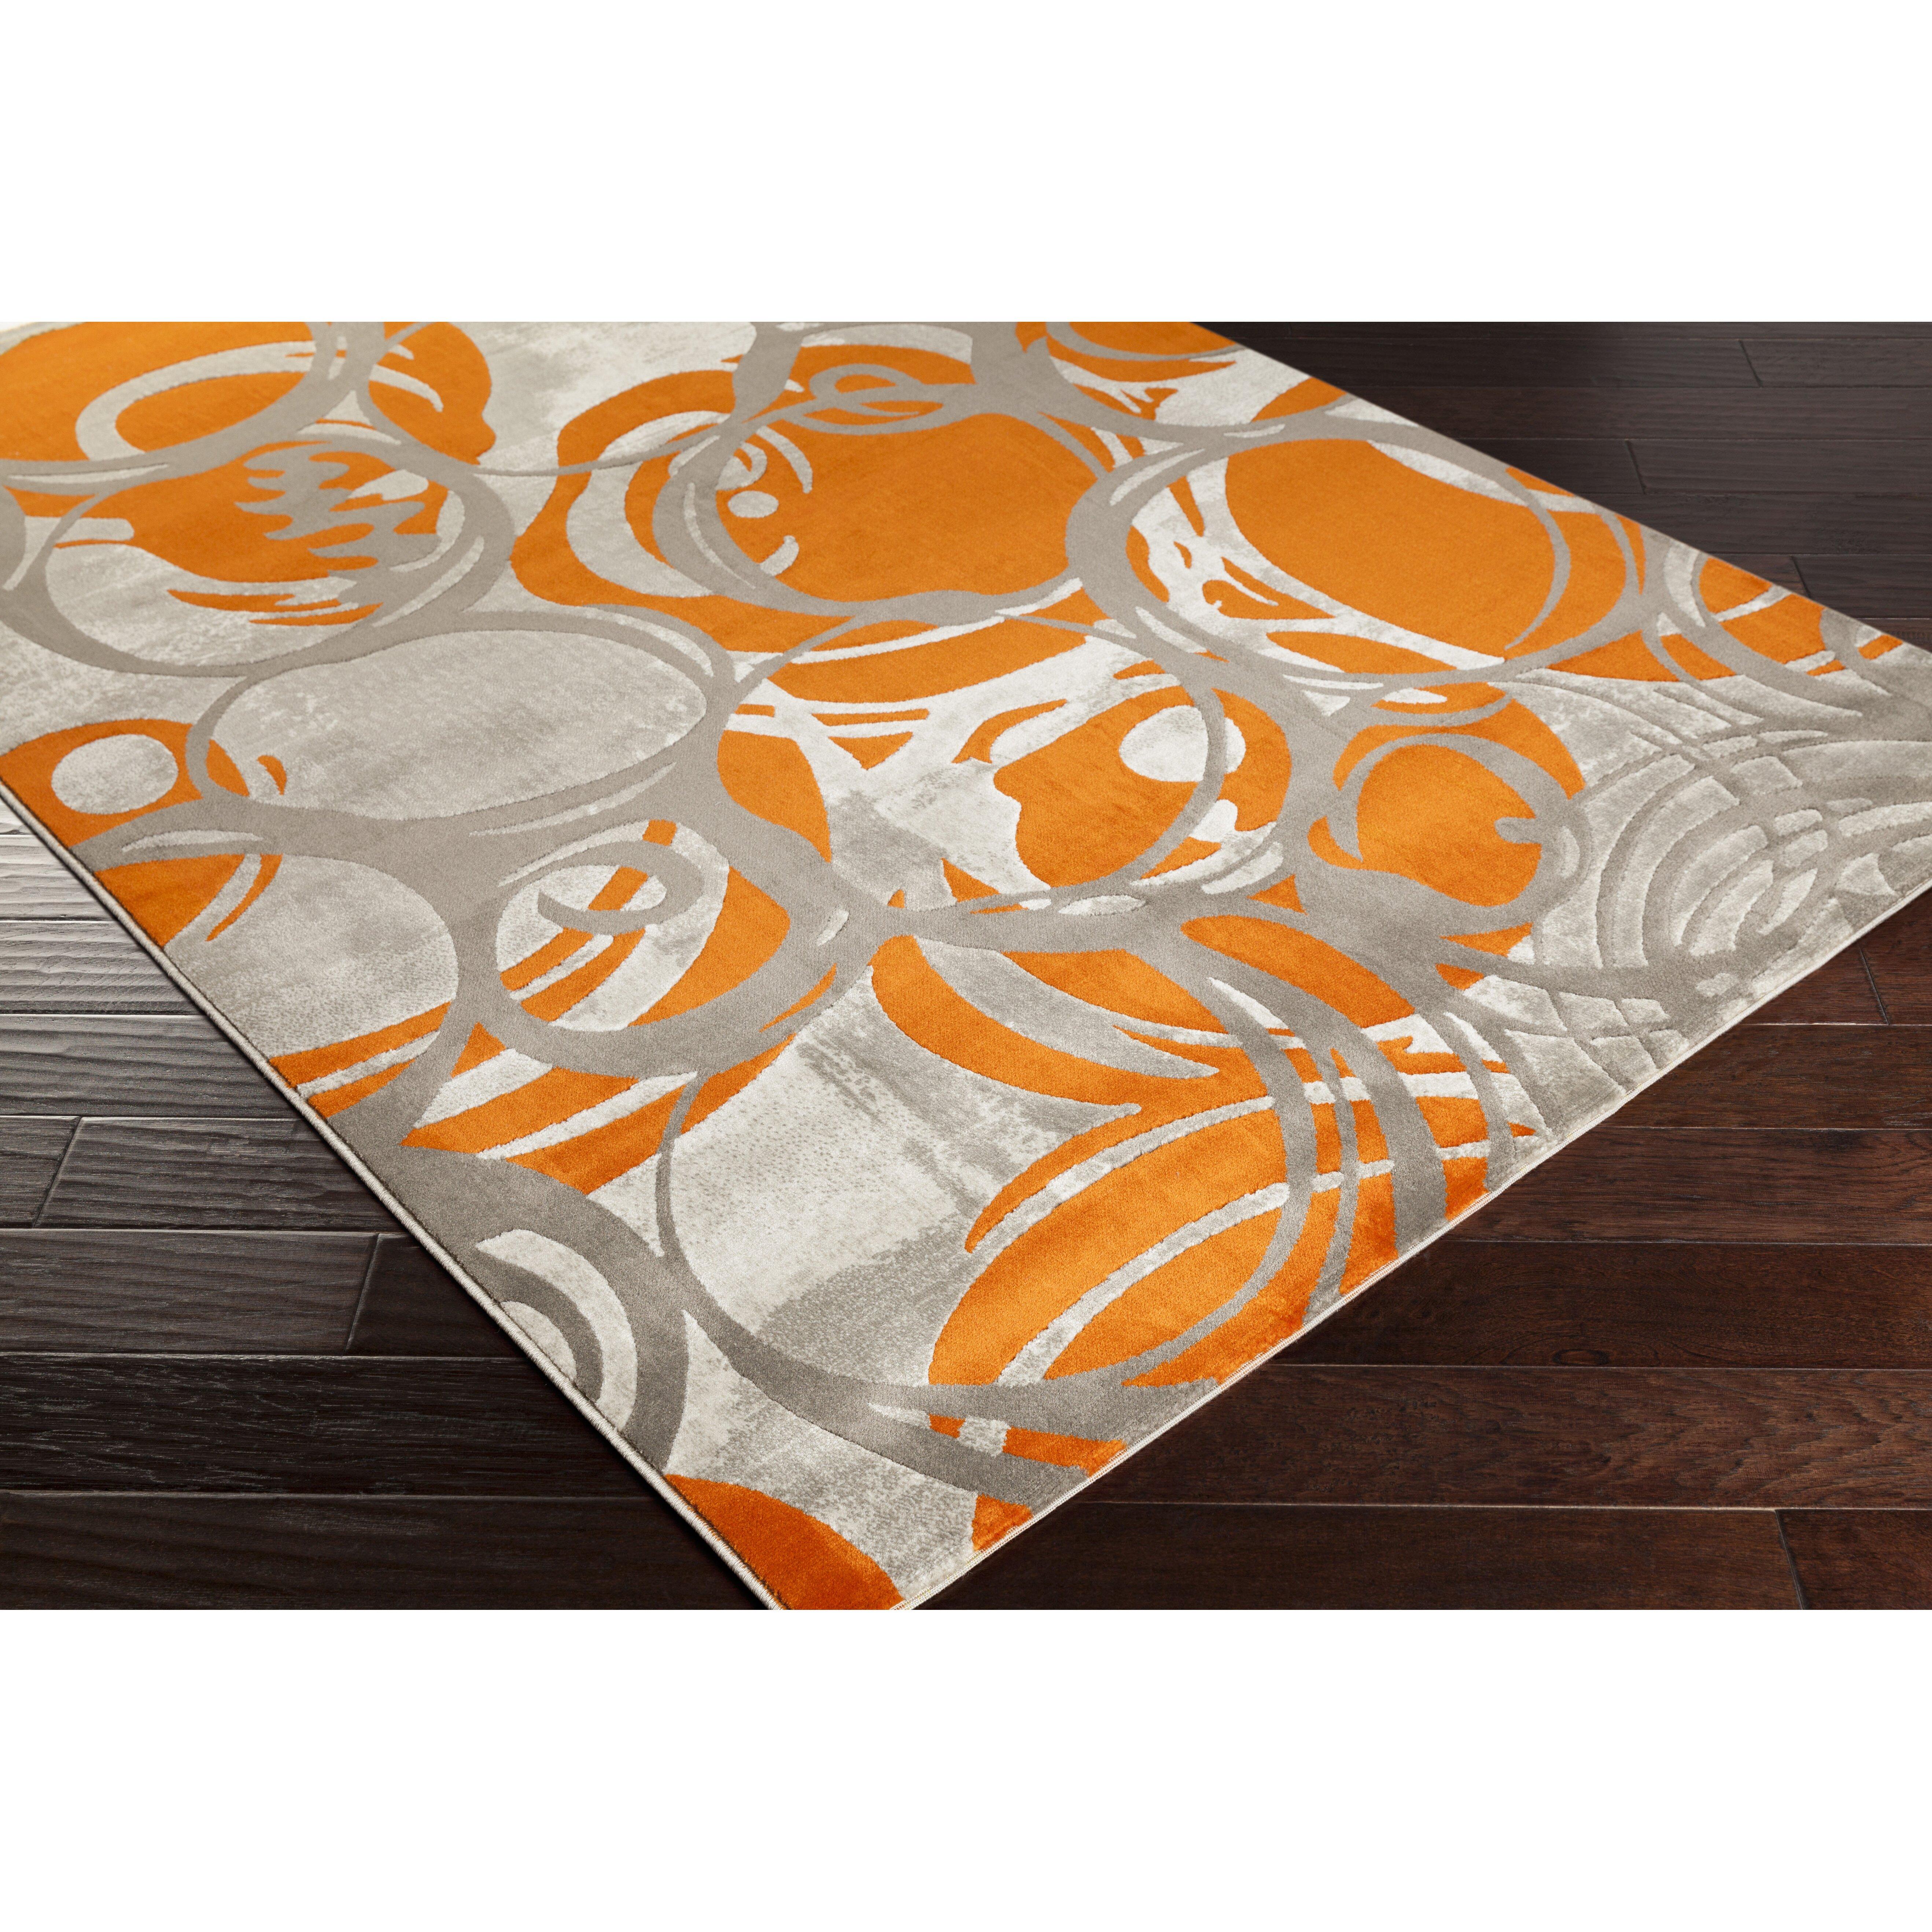 10 Square Rug Orange